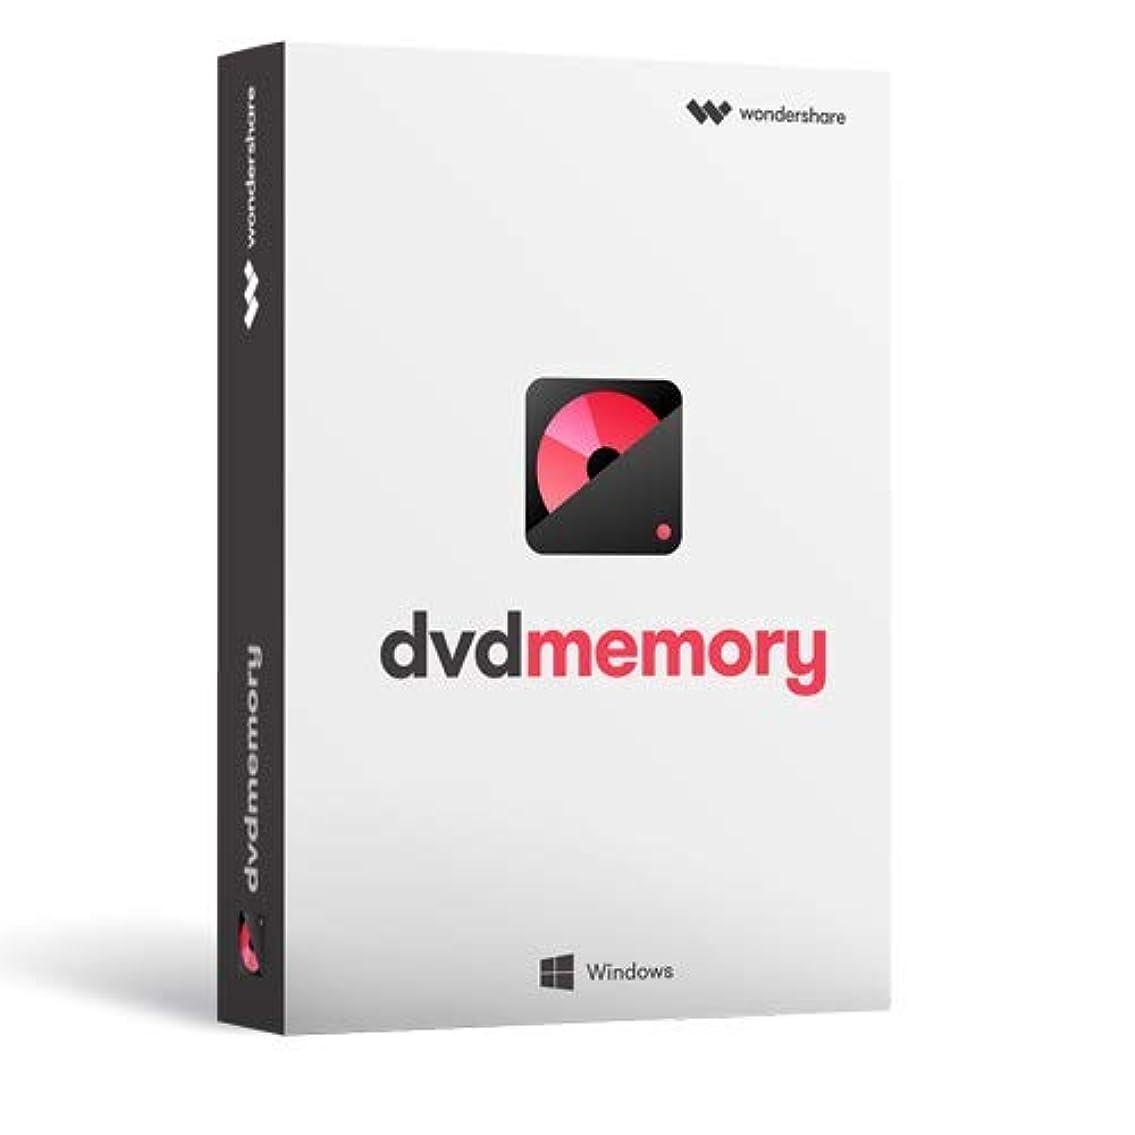 ゴミ箱を空にする怠感ばかWondershare DVD Memory (Win版) 簡単かつ強力なDVDツールボックス DVD作成 BD作成 永久ライセンス ワンダーシェアー